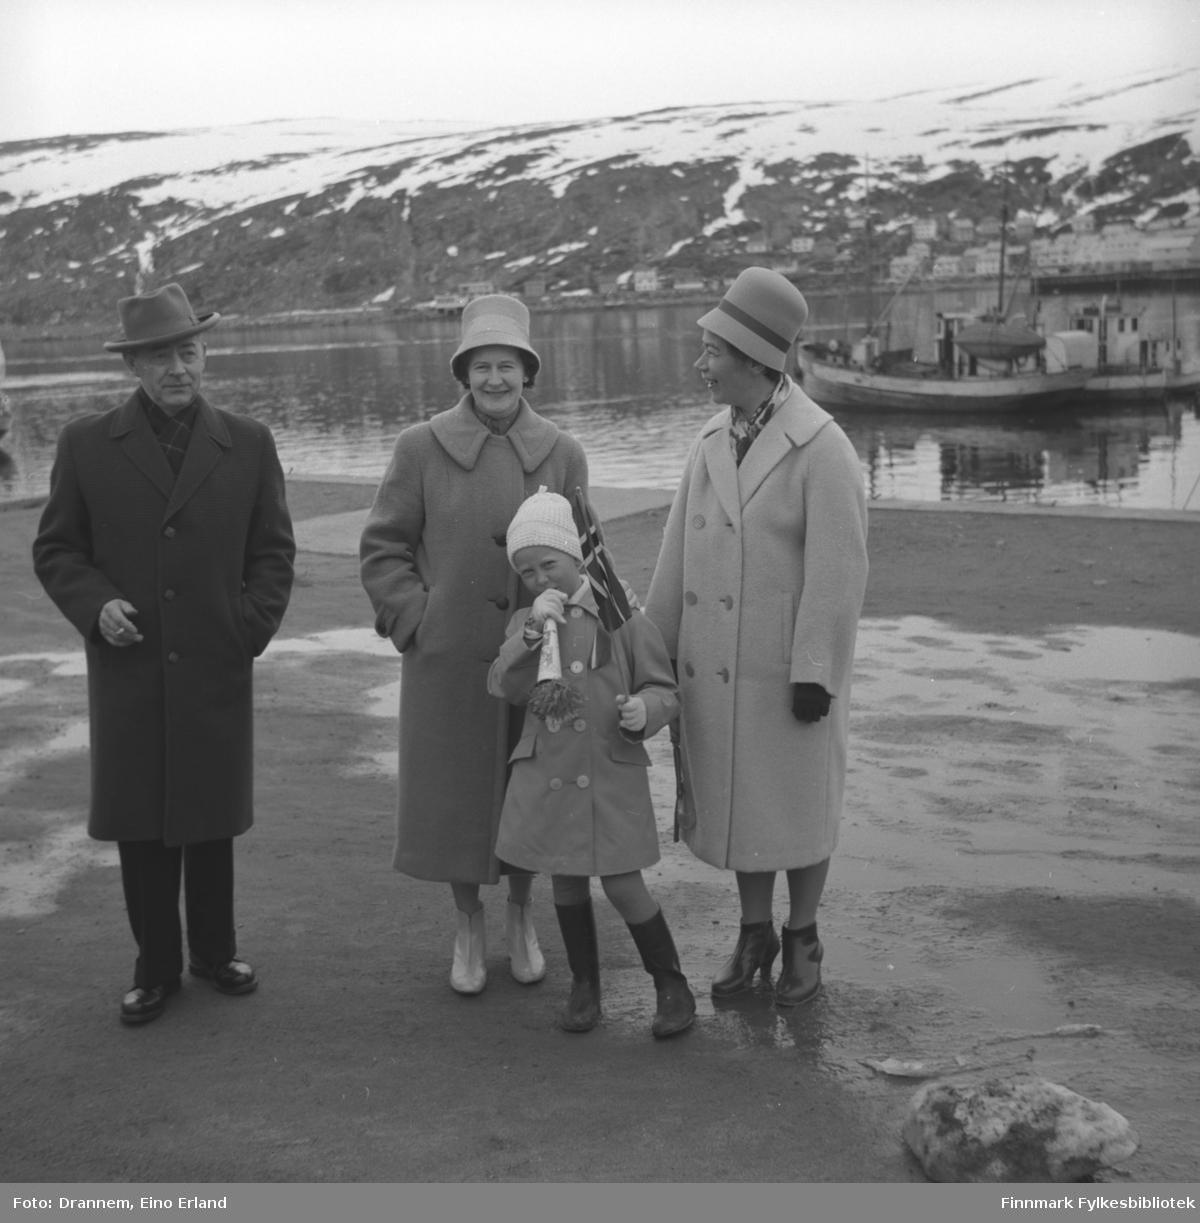 Fire personer på Dampskipskaia i Hammerfest, sannsynligvis 17. mai siden jenta har flgg og fløyte i hendene. Jenny Drannem står helt til høyre på bildet, de tre andre er familien Sørensen.